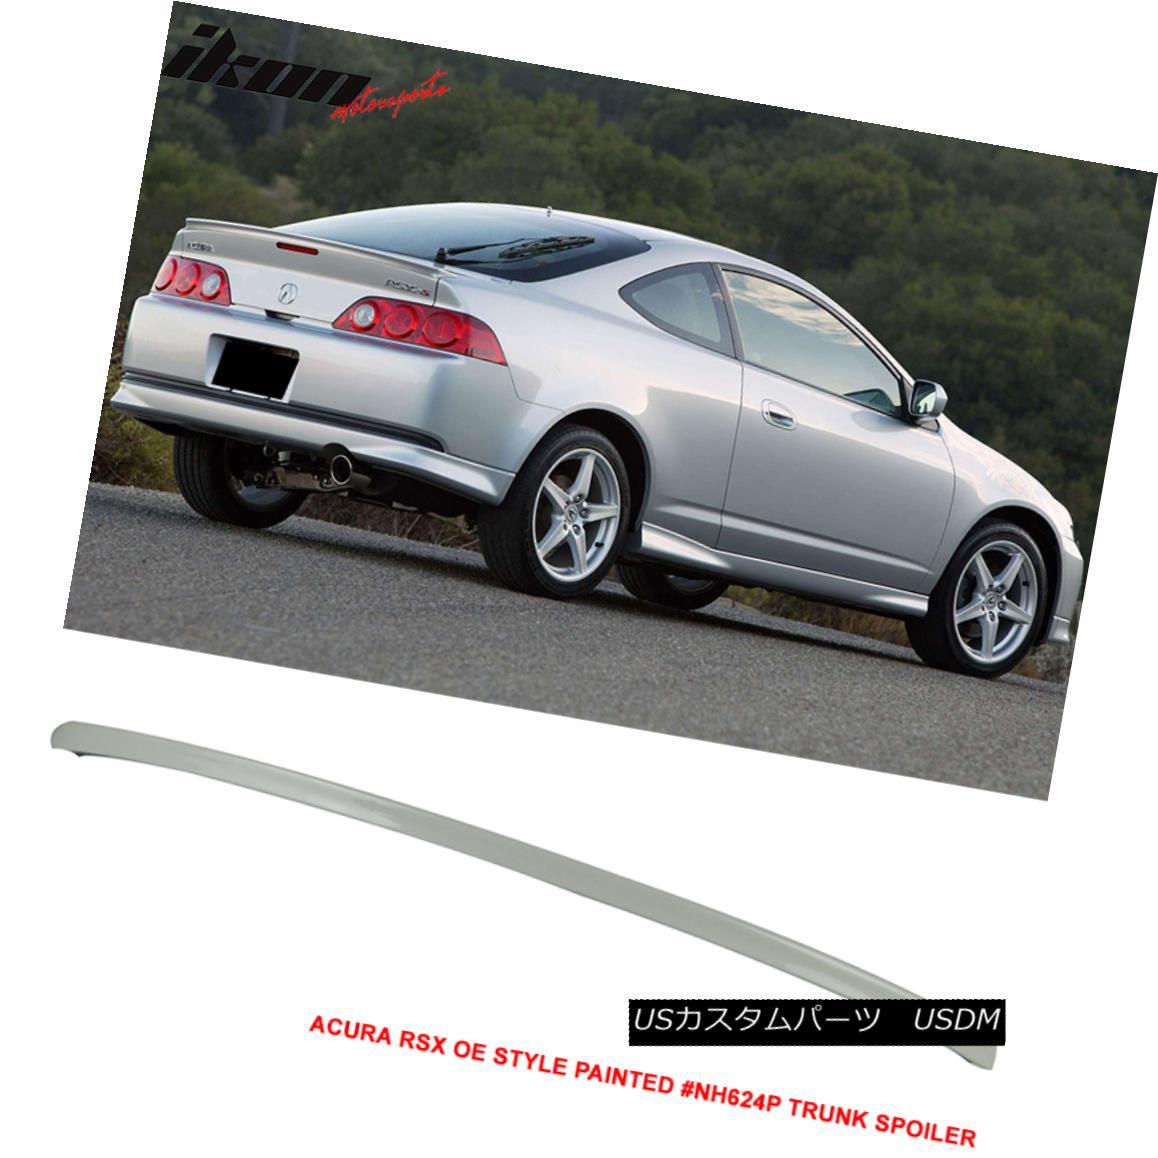 エアロパーツ 02-06 Acura RSX OE Style Trunk Spoiler Painted # NH624P Premium White Pearl 02-06アキュラRSX OEスタイルトランクスポイラー塗装済み#NH624Pプレミアムホワイトパール